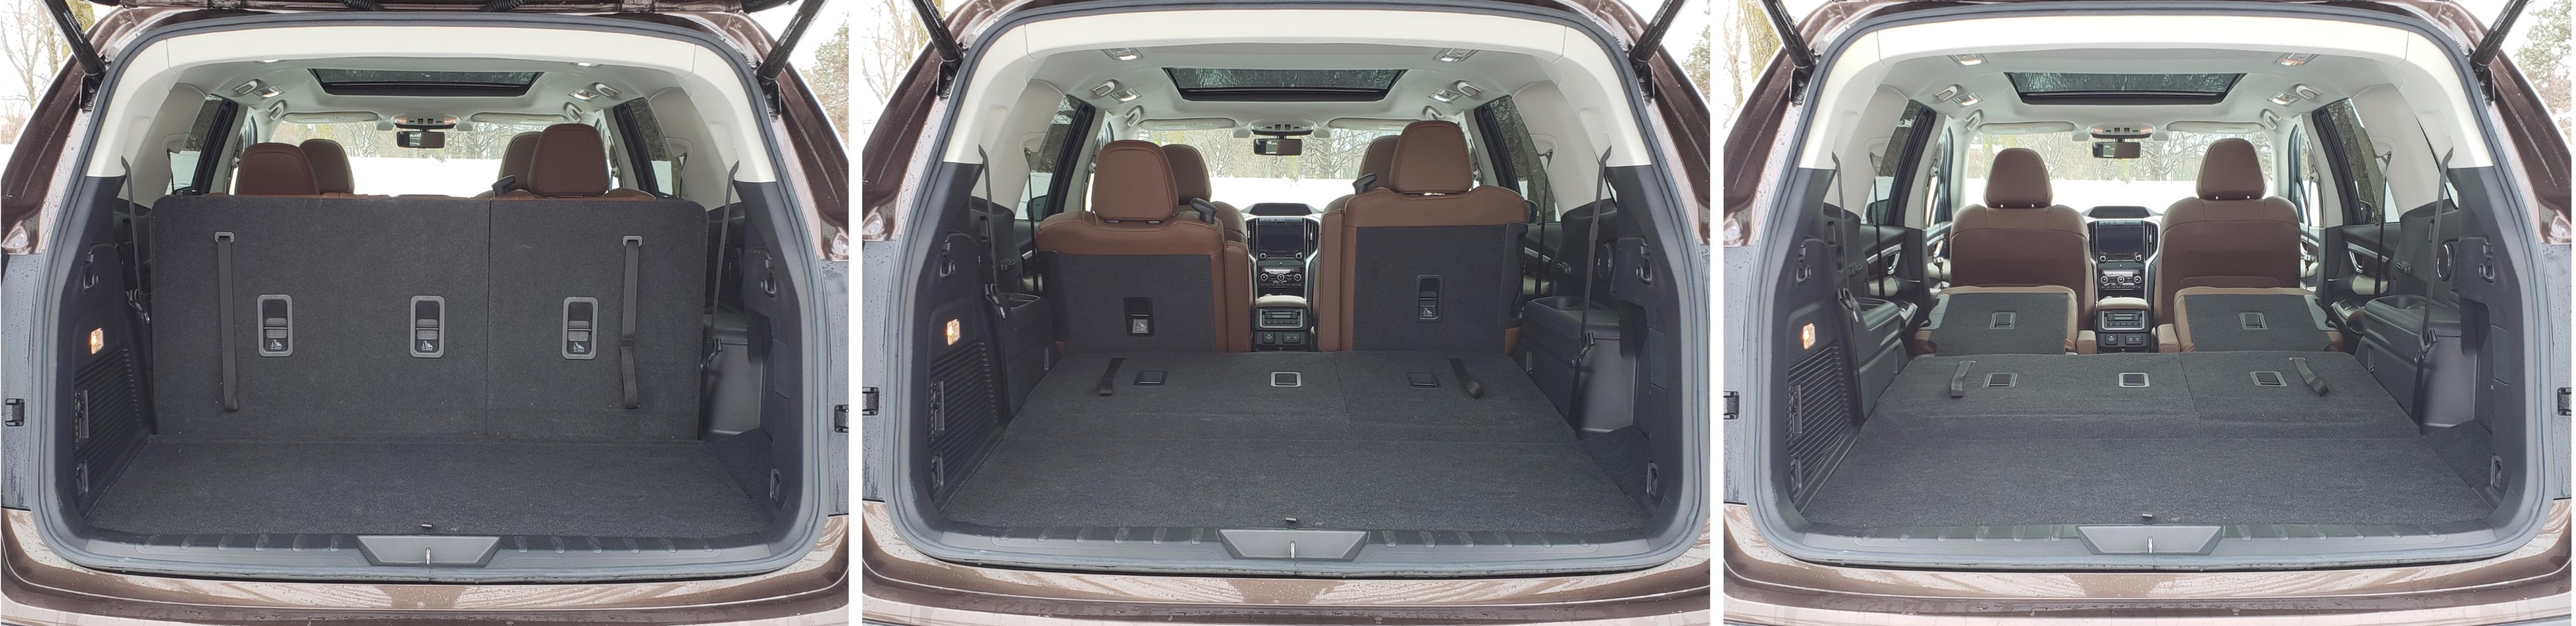 Review 2019 Subaru Ascent Premier